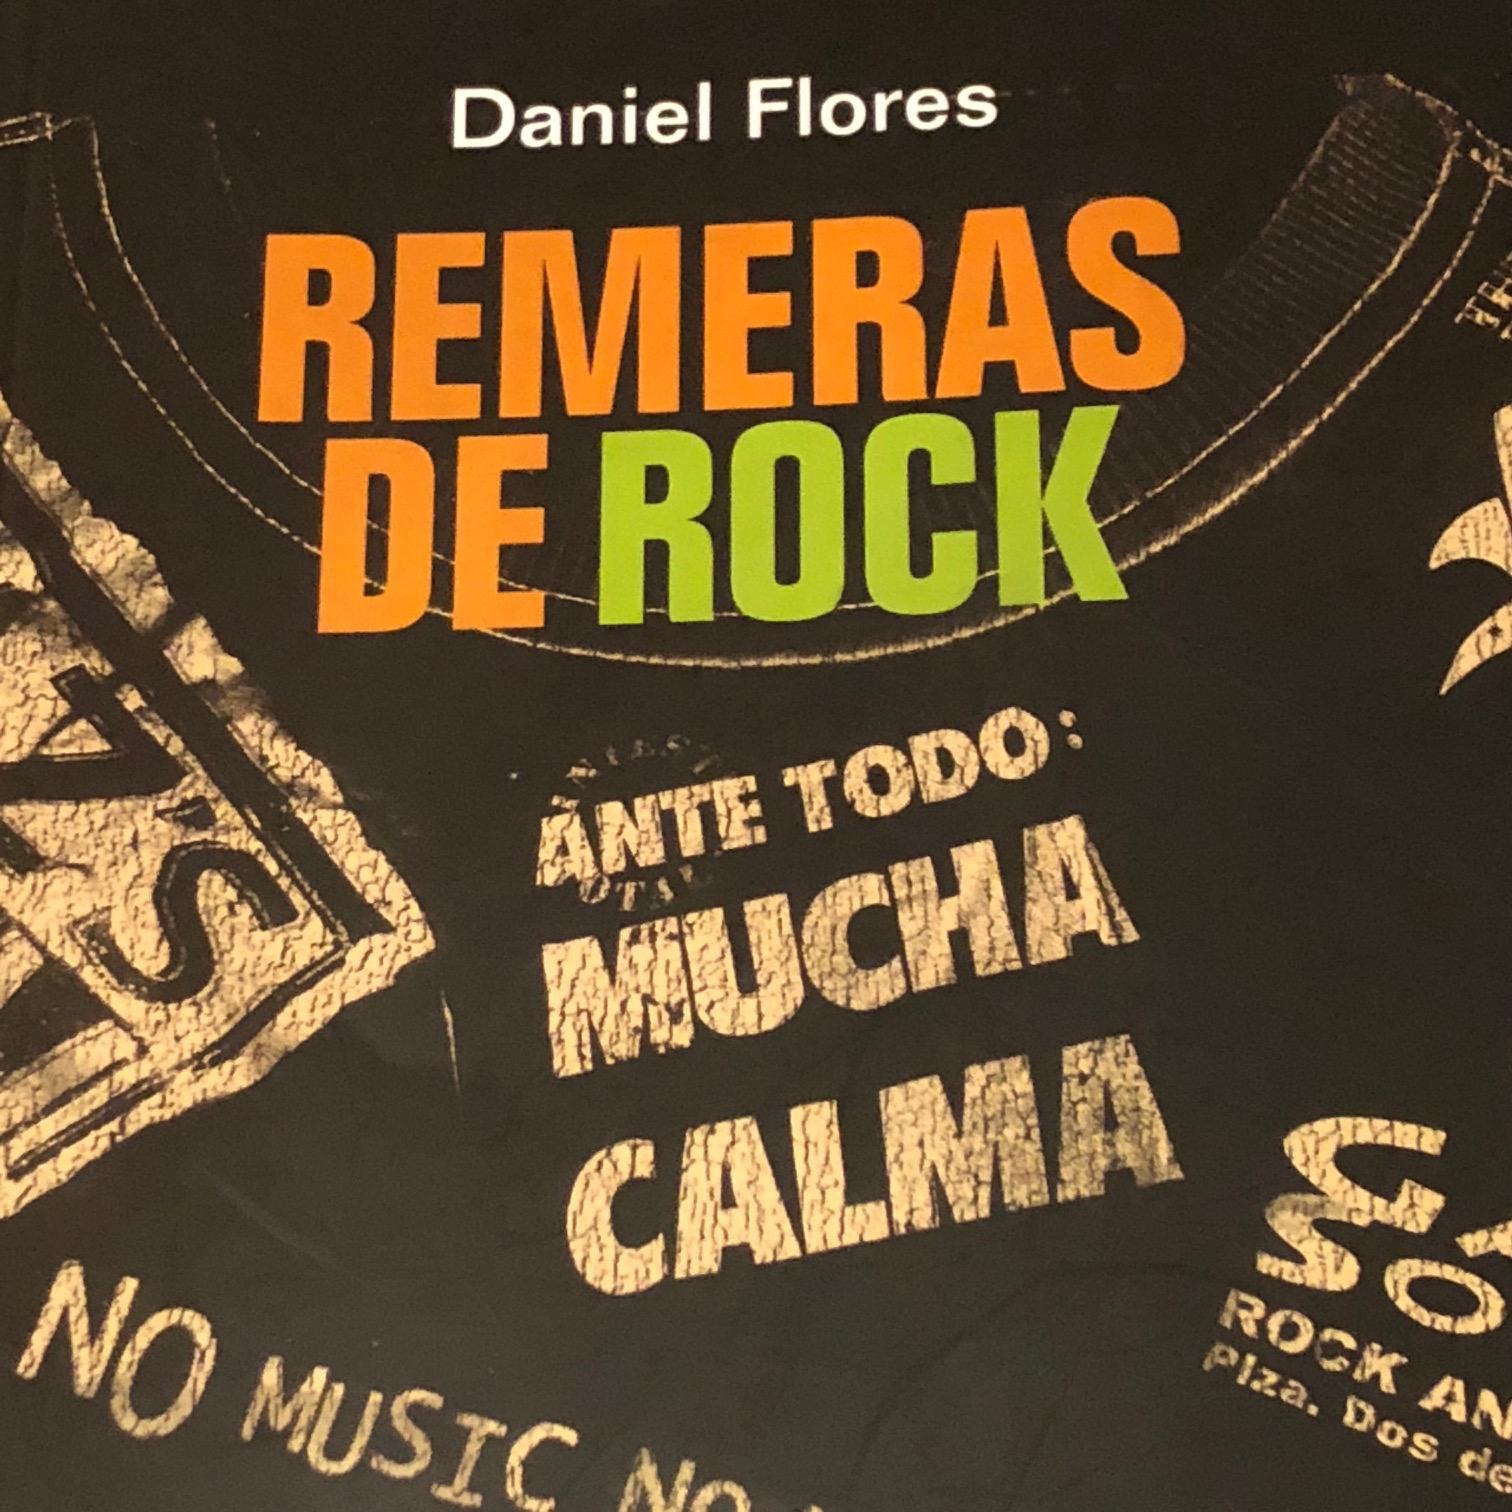 Remeras de rock: viajes y decibeles